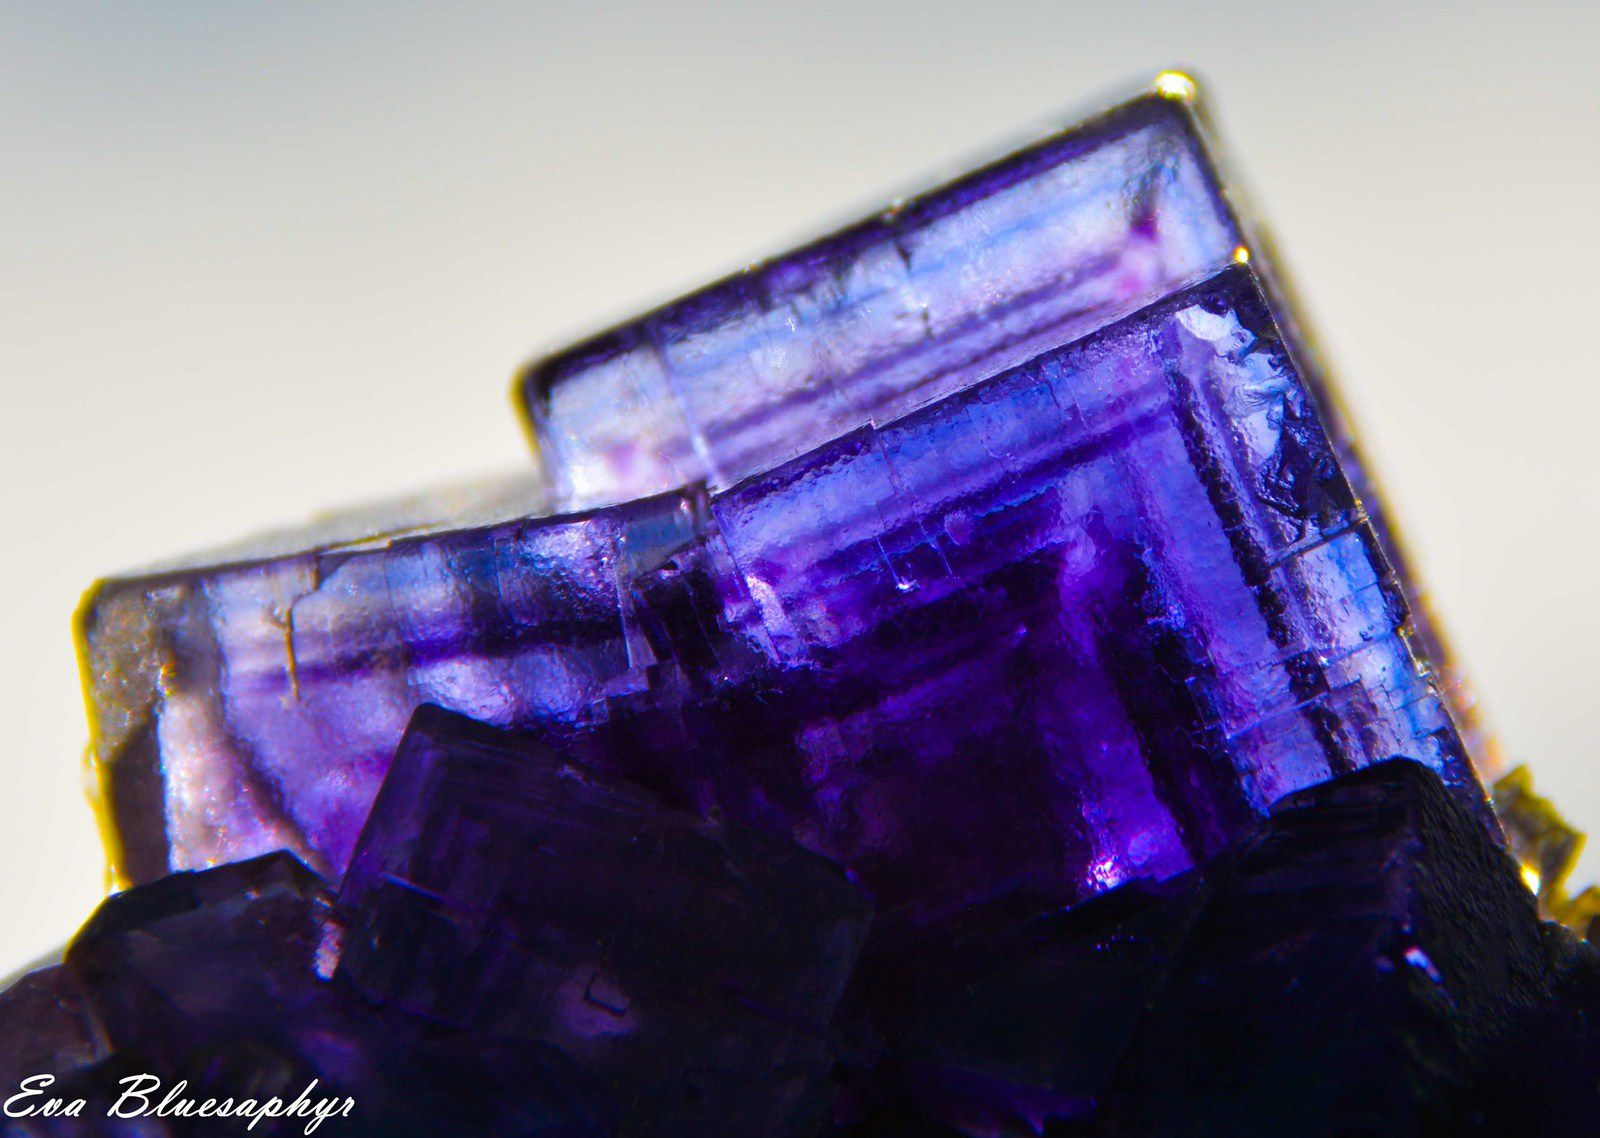 Blue Fluorite (Fluorine) from La Viesca, Asturias, Spain (Espagne) (size: Miniature)